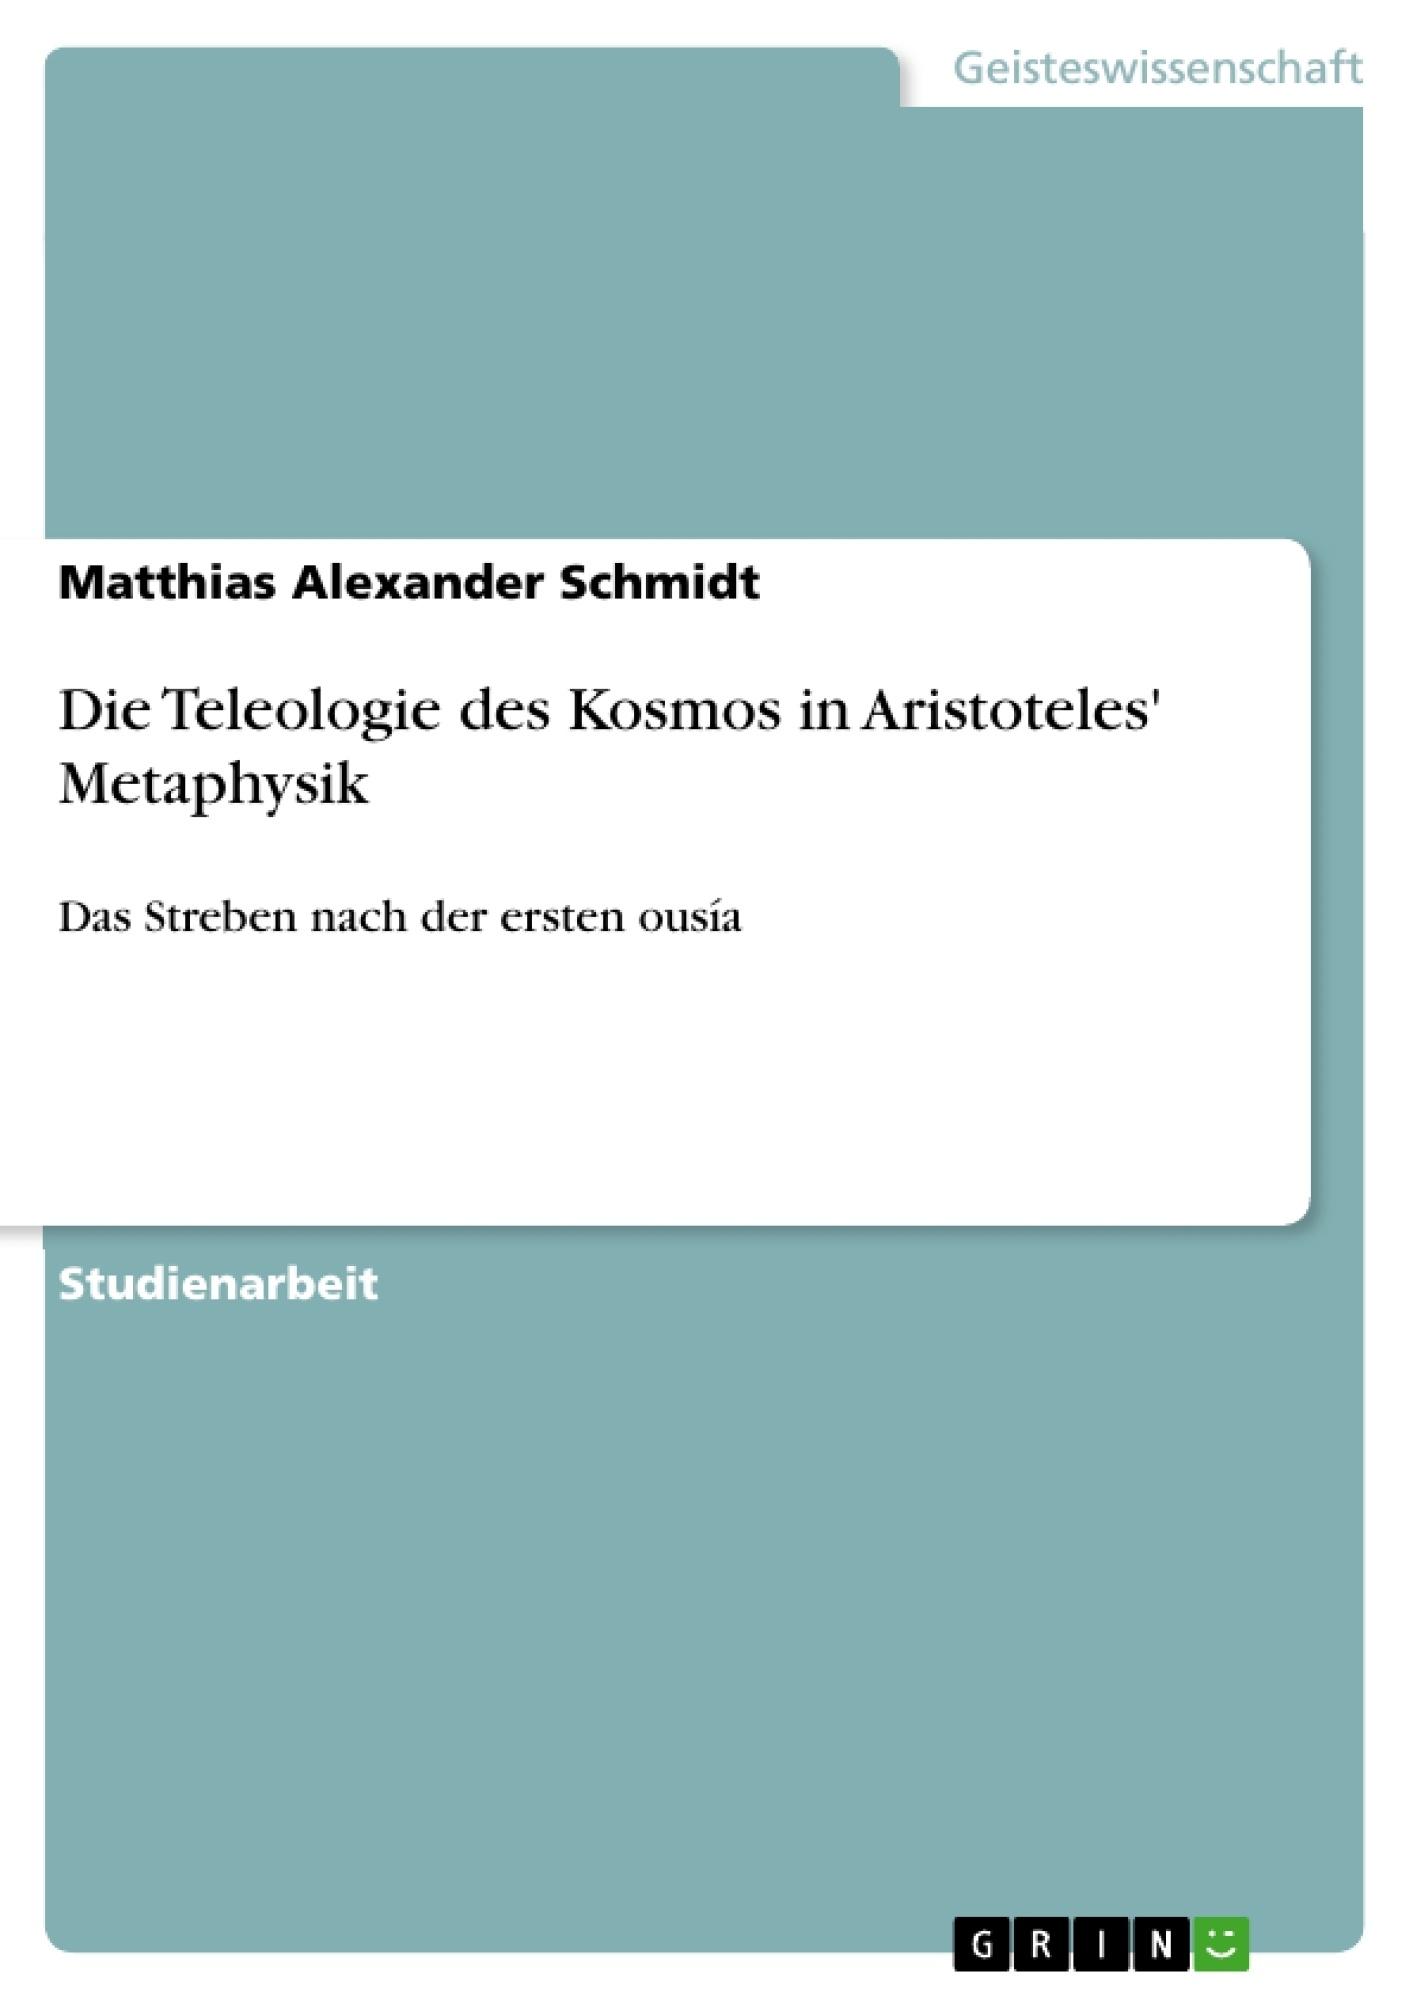 Titel: Die Teleologie des Kosmos in Aristoteles' Metaphysik